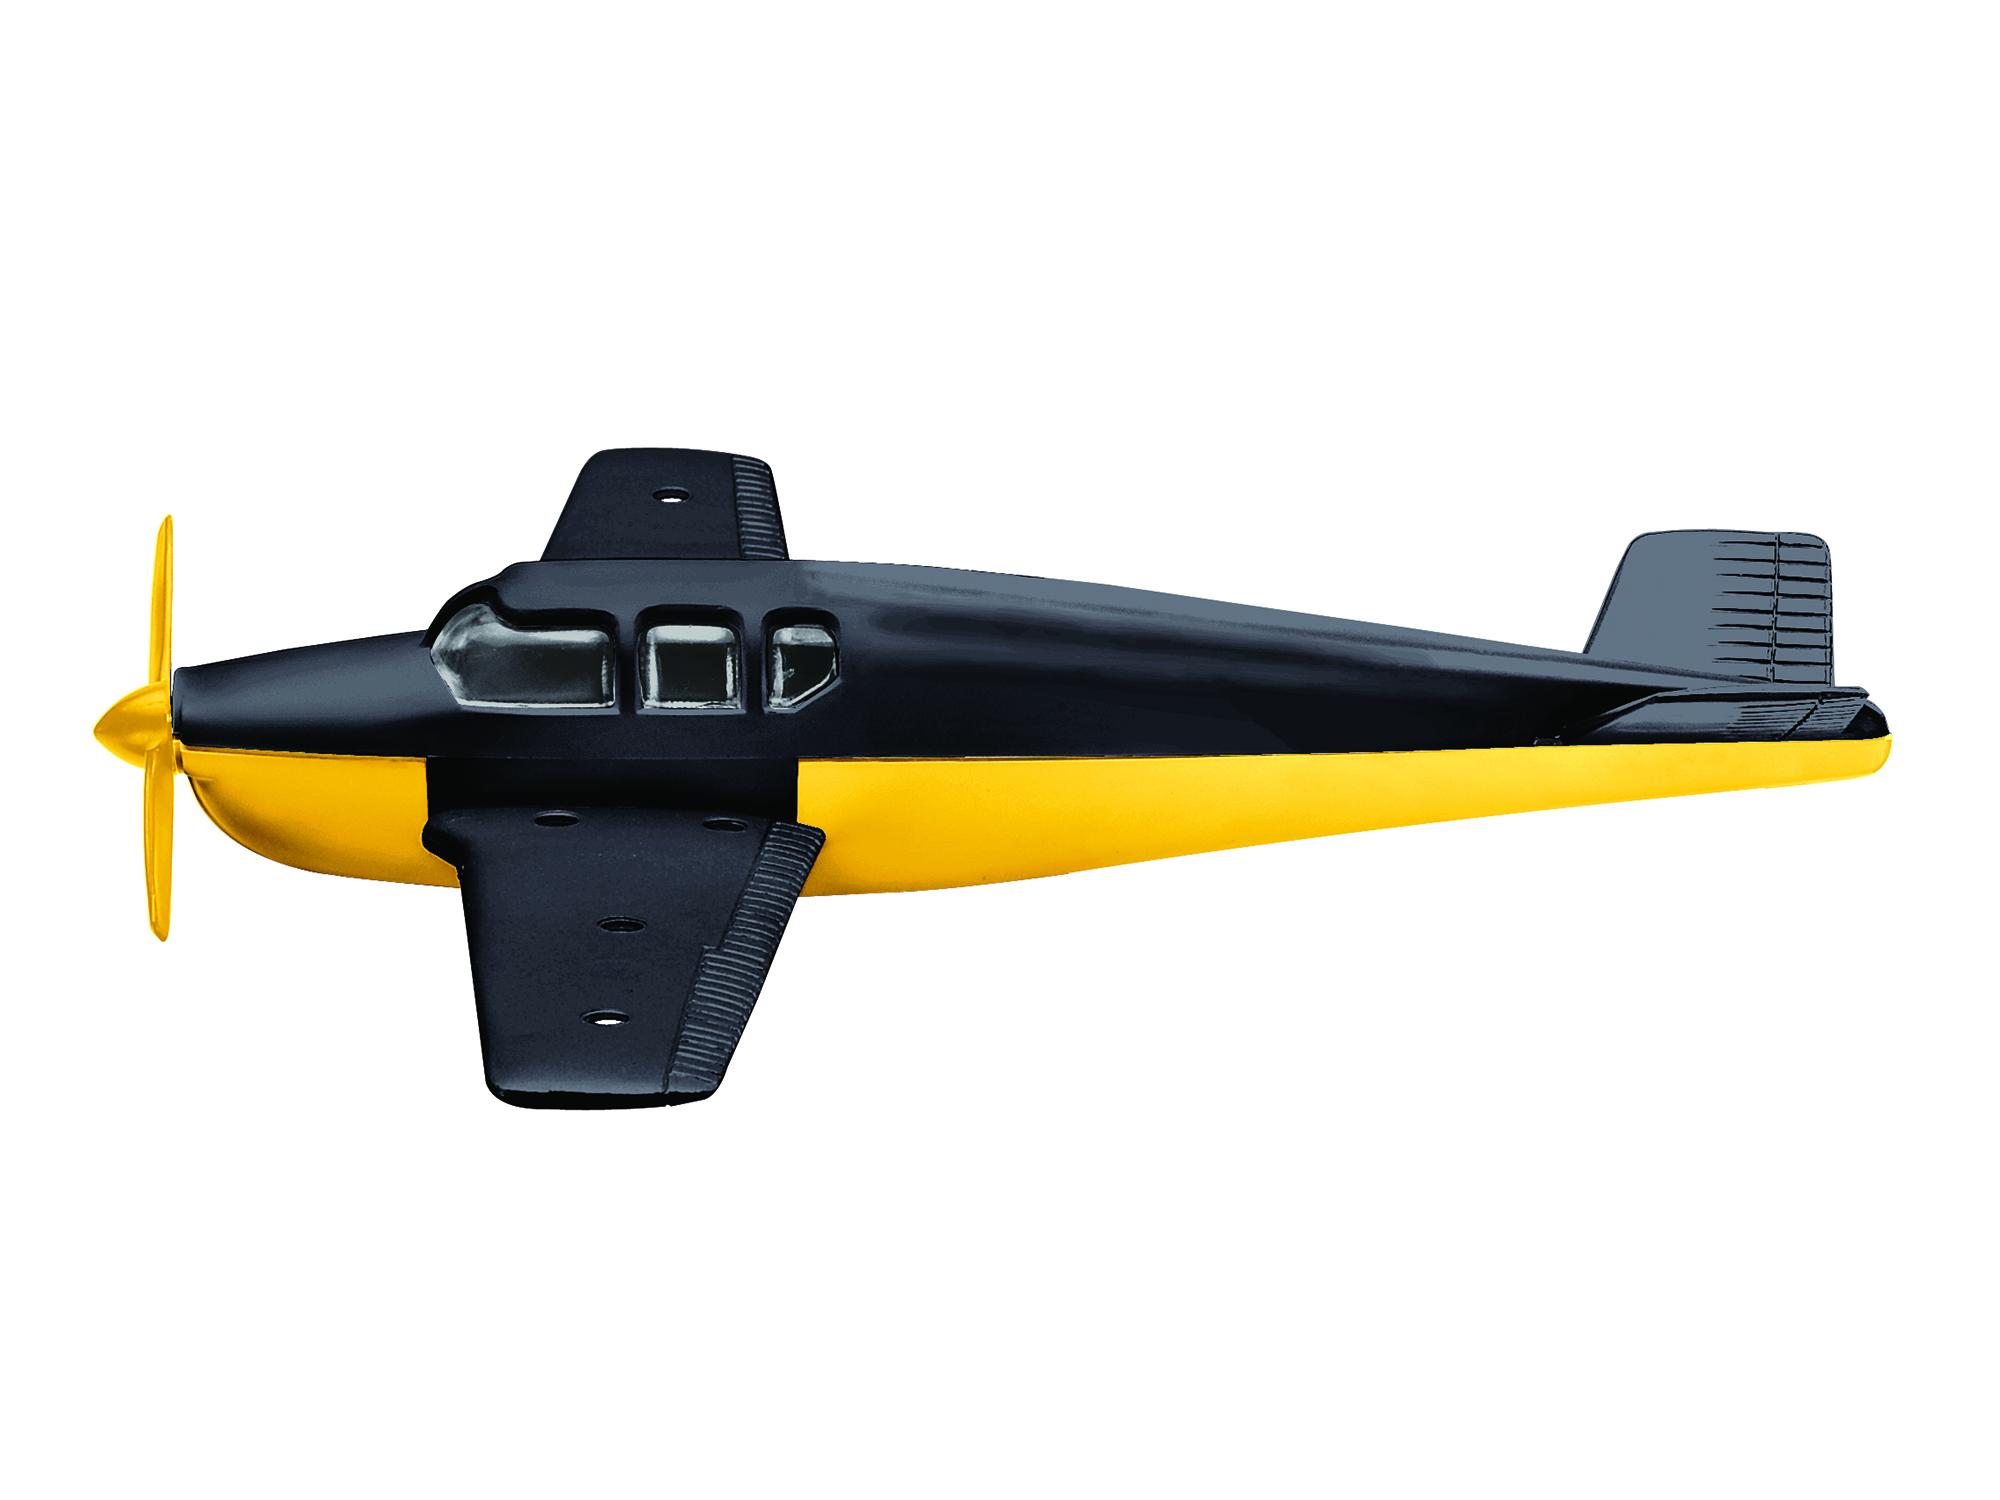 Lionel 637855 O Lionel Airplane 2/ 434-637855 LNL637855